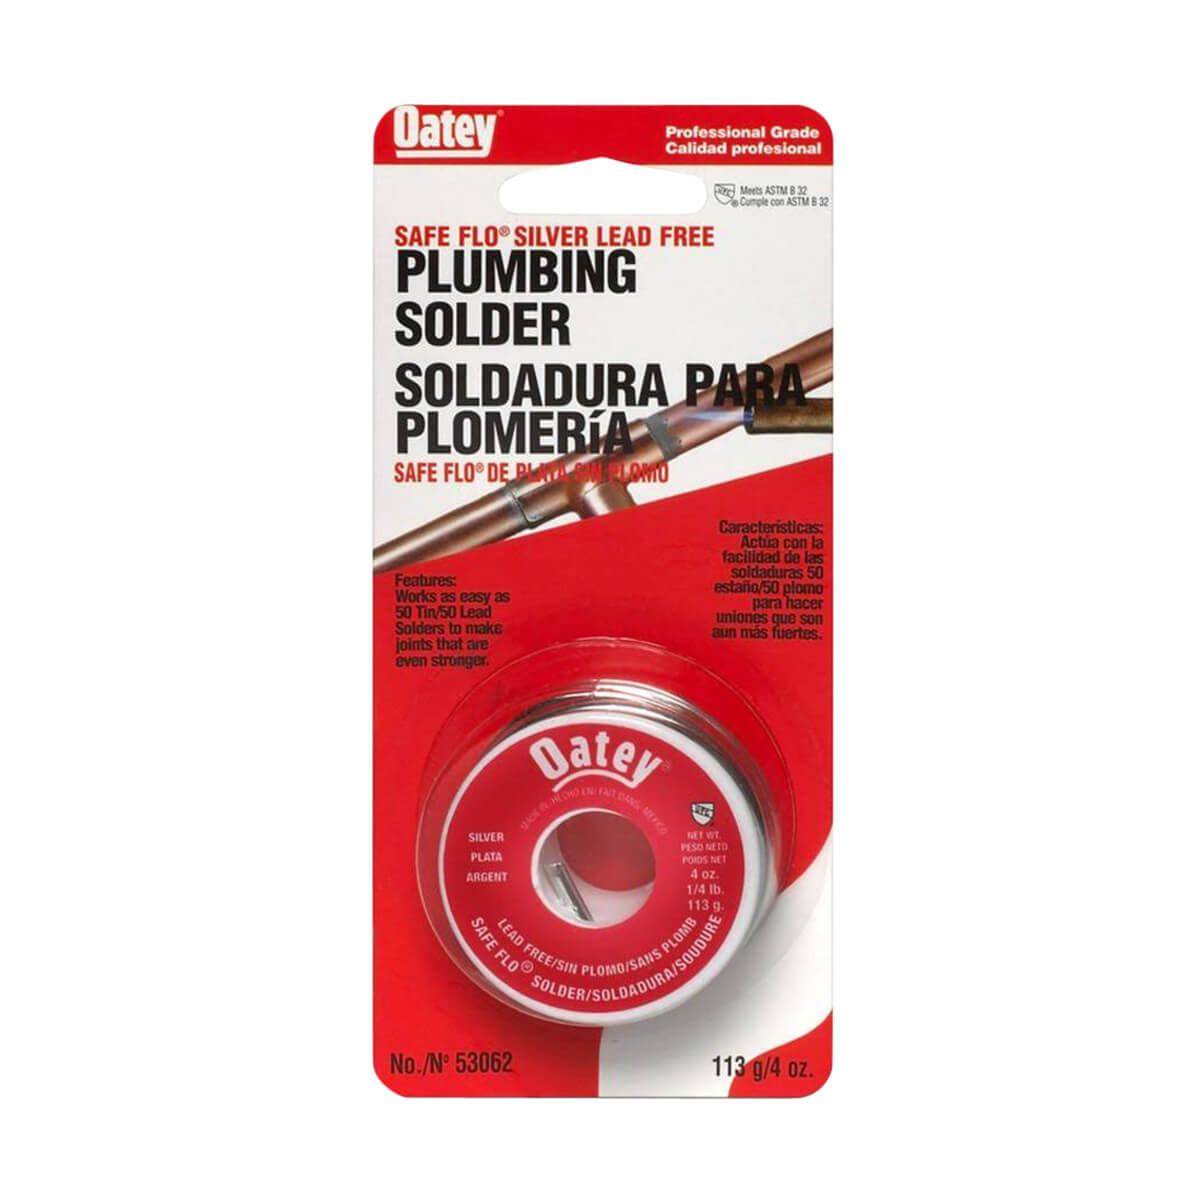 Oatey 48312 Safe-Flo Plumbing Solder Wire - 113 g